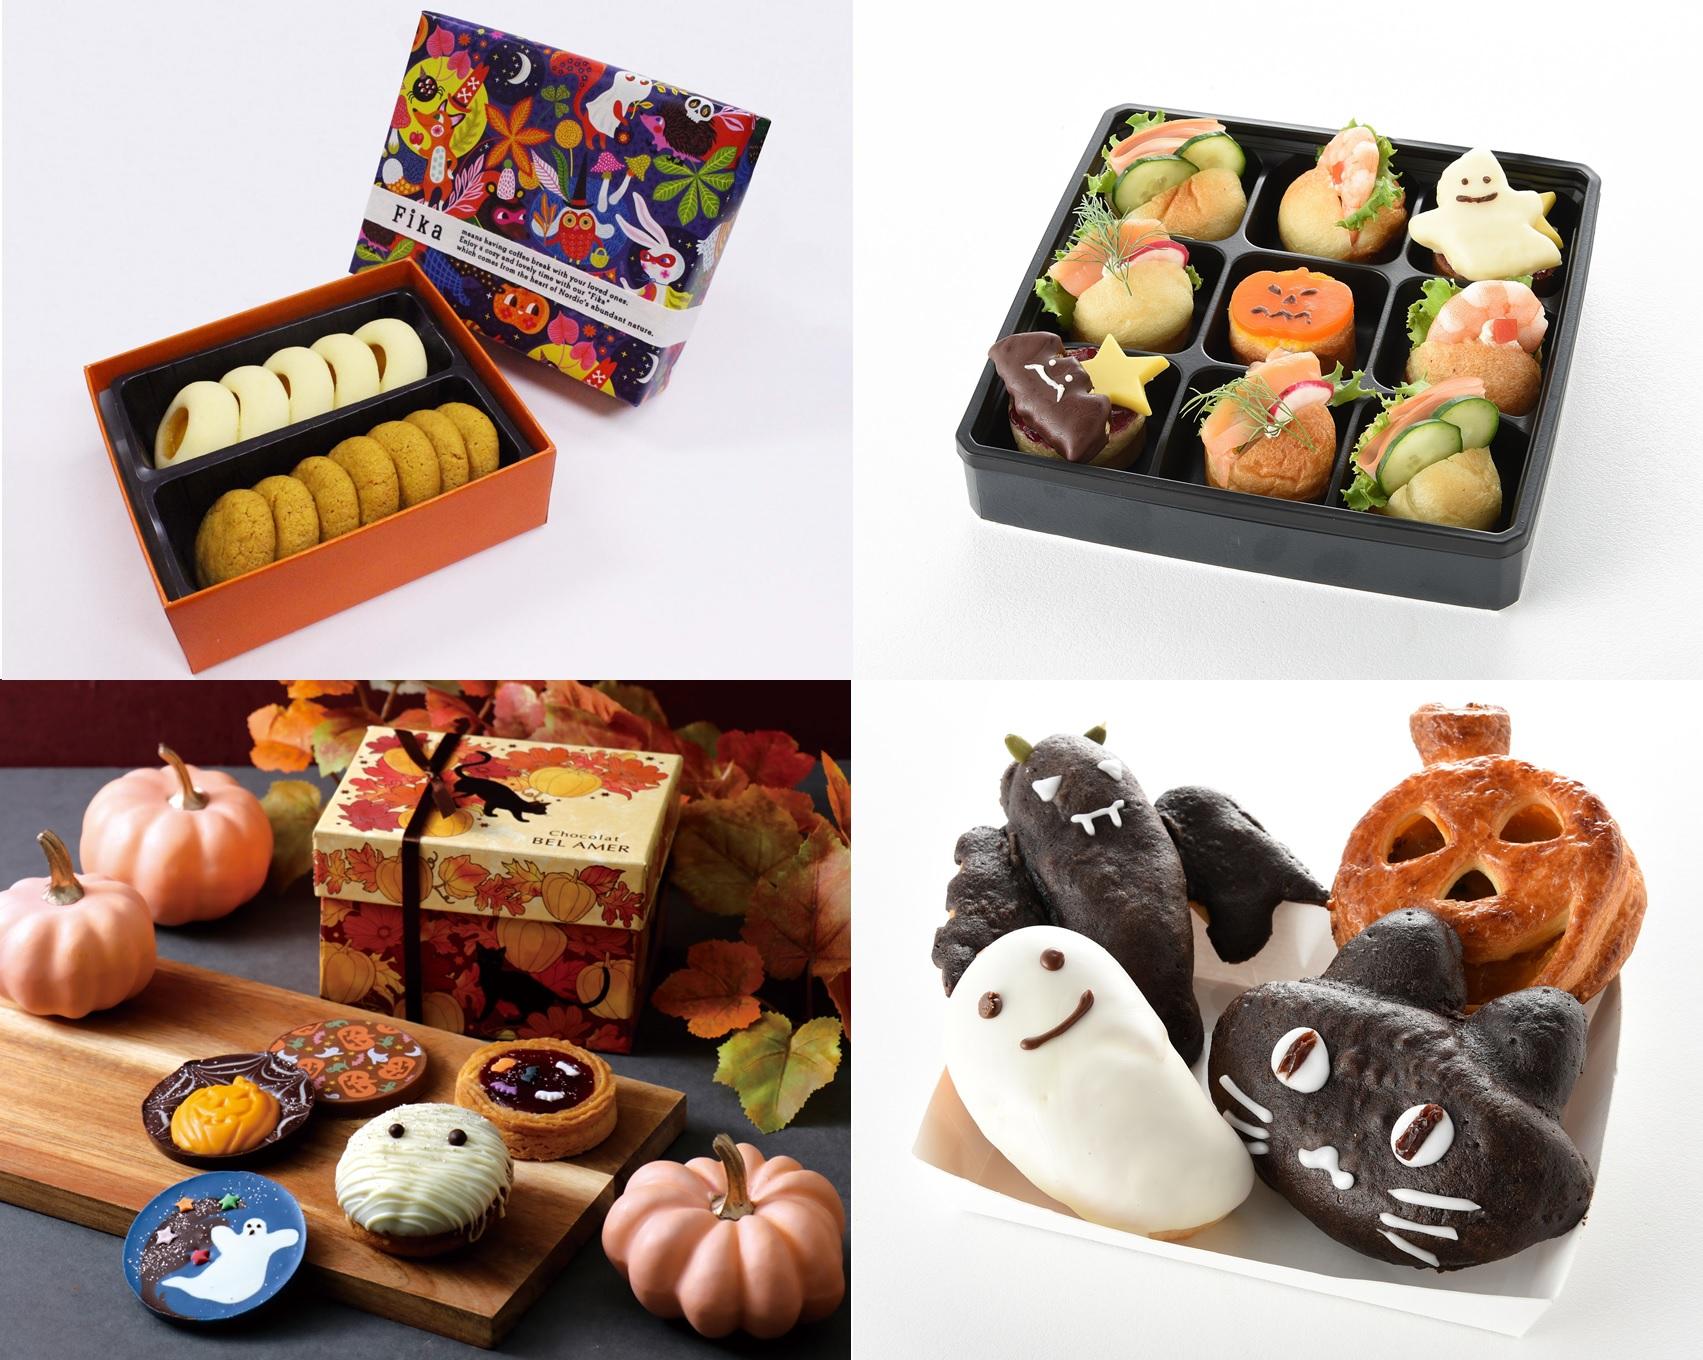 伊勢丹新宿店の今だけの特別な味をご紹介。ハロウィン気分をシェアしよう!